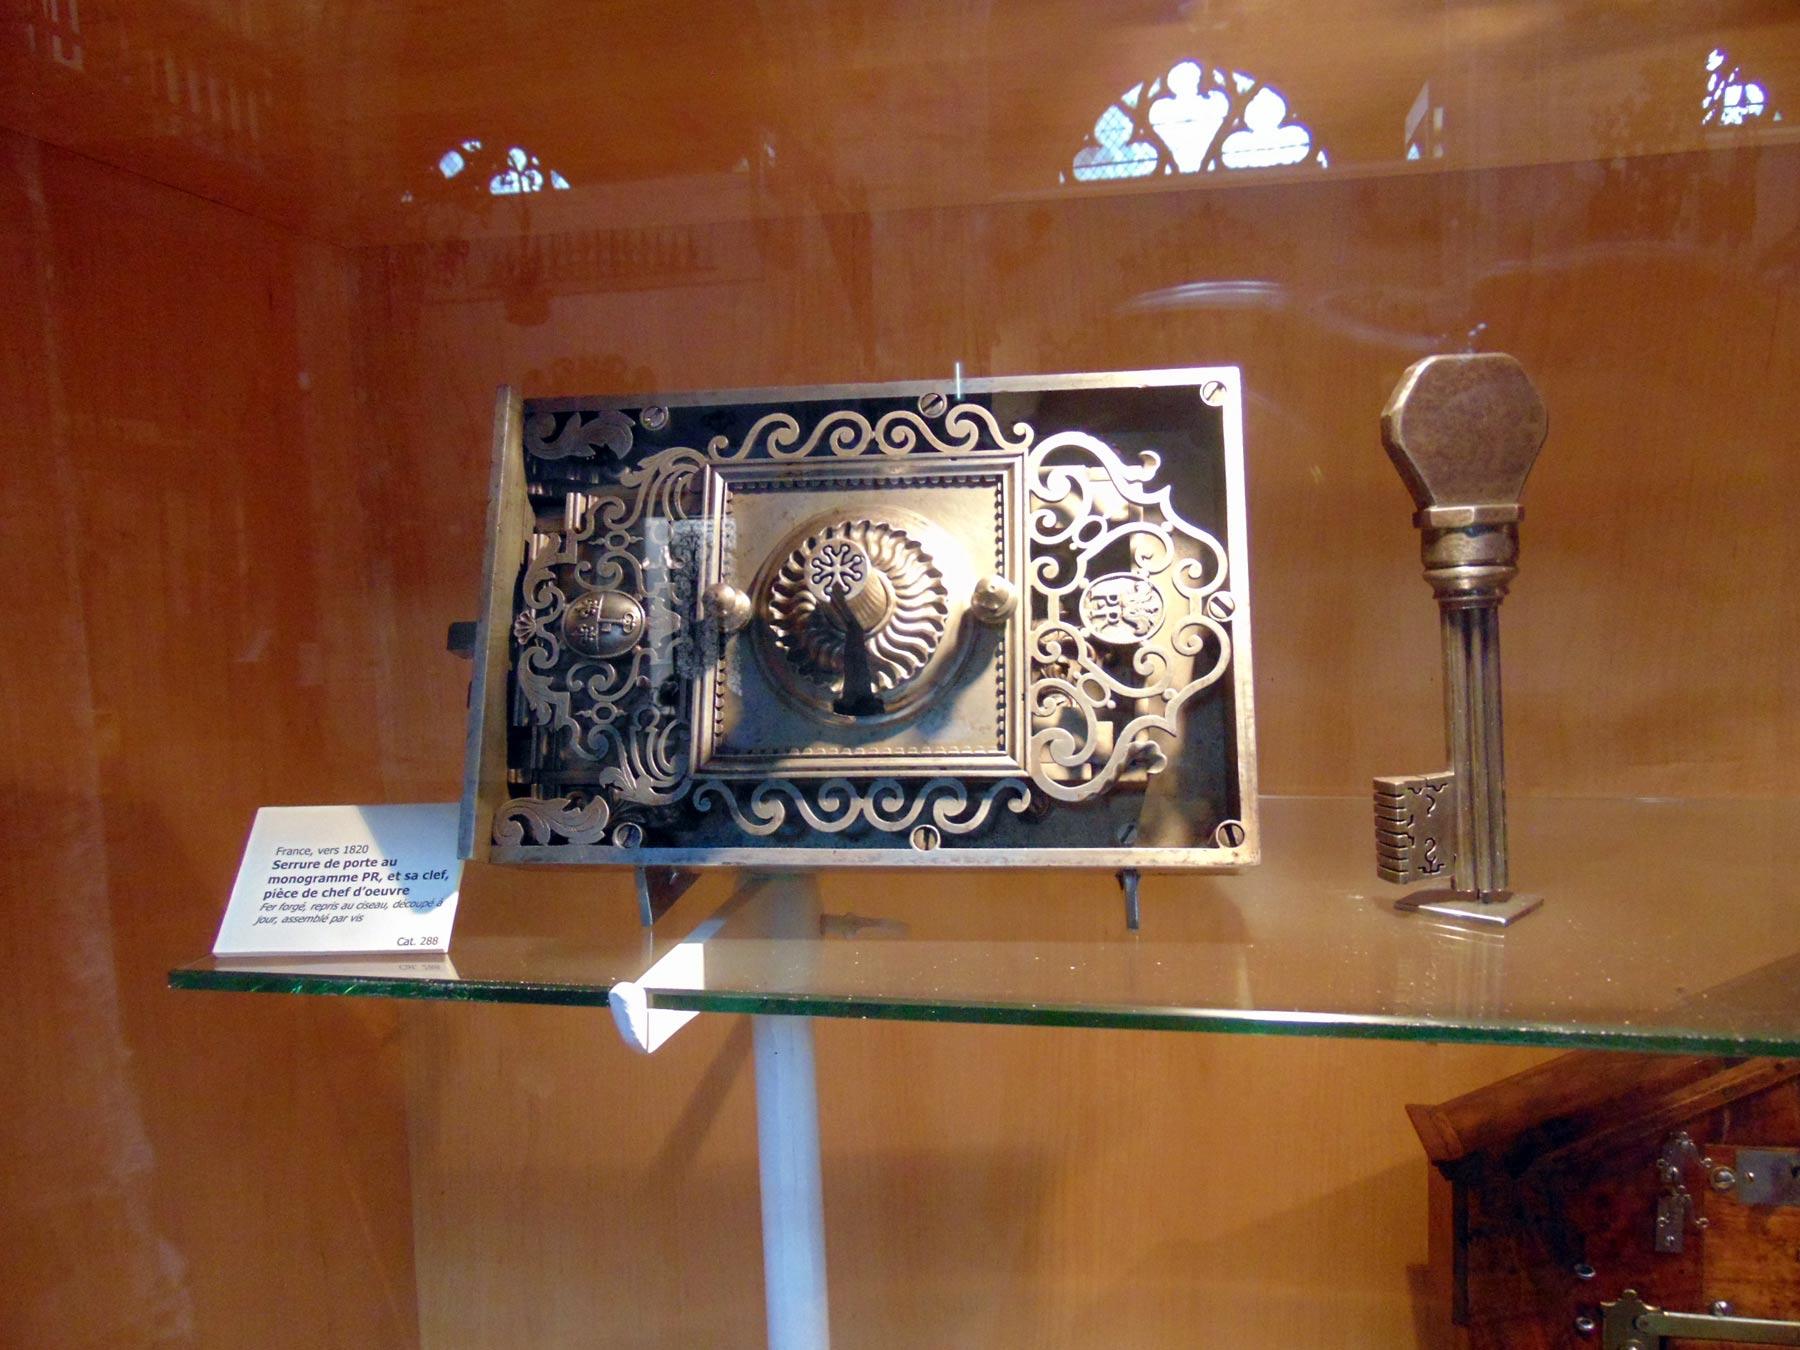 художественные изделия из железа в музее Руана